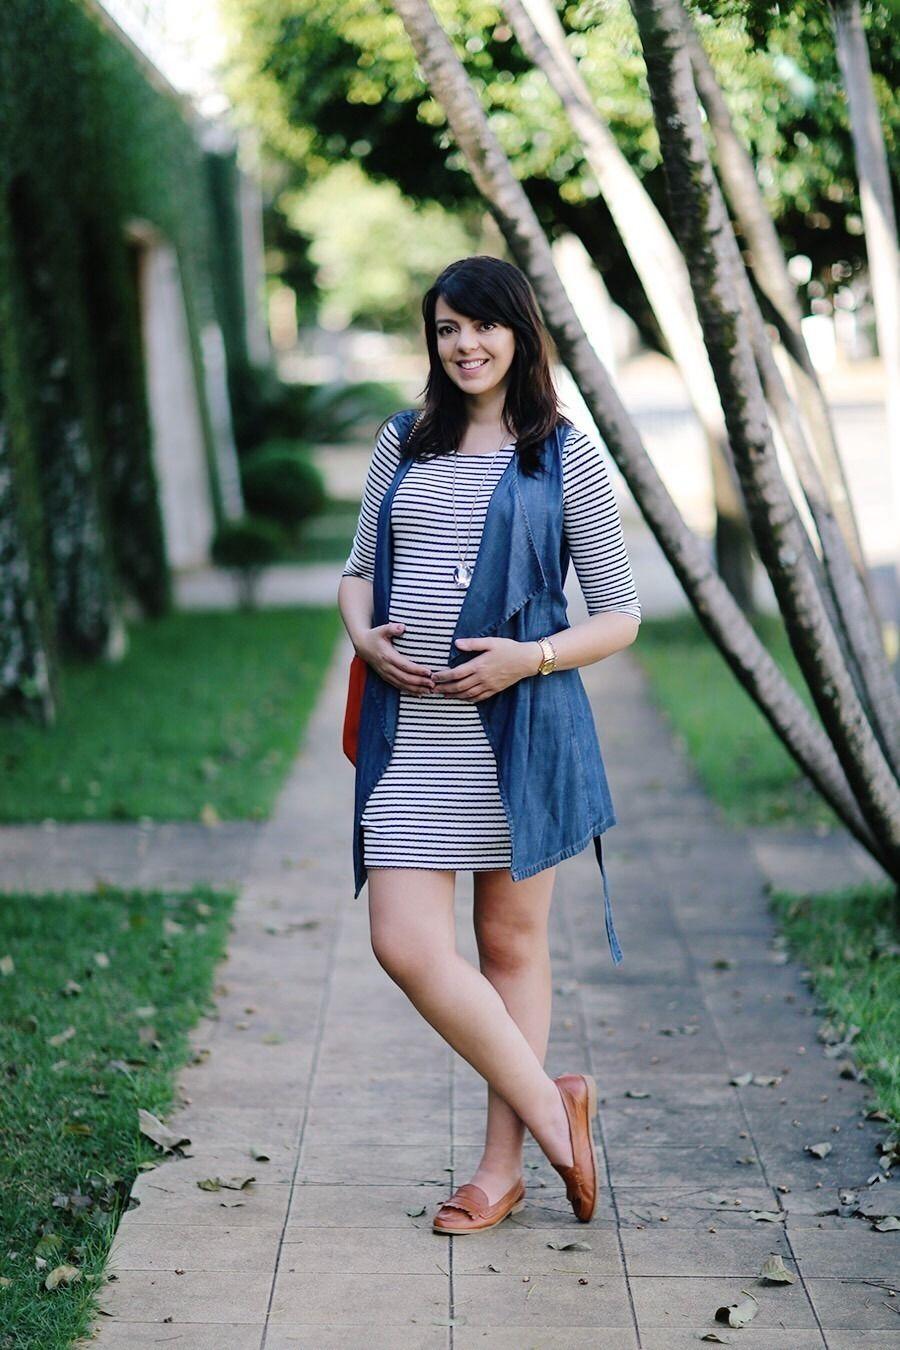 fb9b1c6ec Oieee… Voltei com mais um desses ~meus looks grávidos~ de listras e  coletes! Esse vestido listrado branco eu já tinha usado algumas vezes sem  colete, ...